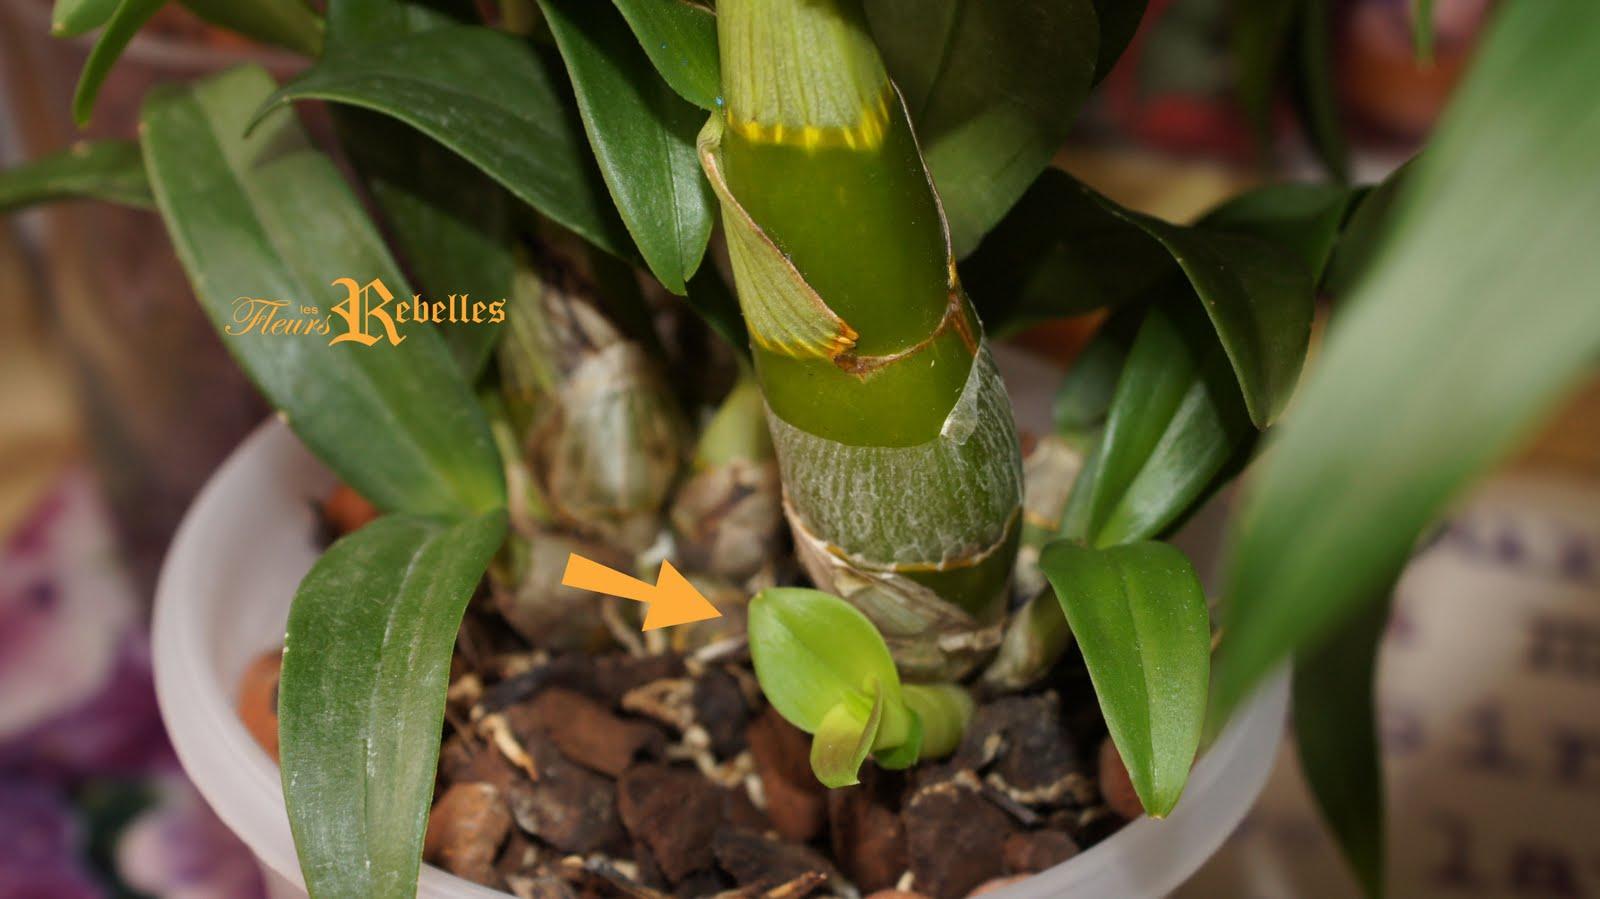 Les fleurs rebelles blog lifestyle diy mes orchid es bourgeonnent 3 - Marc de cafe orchidee ...